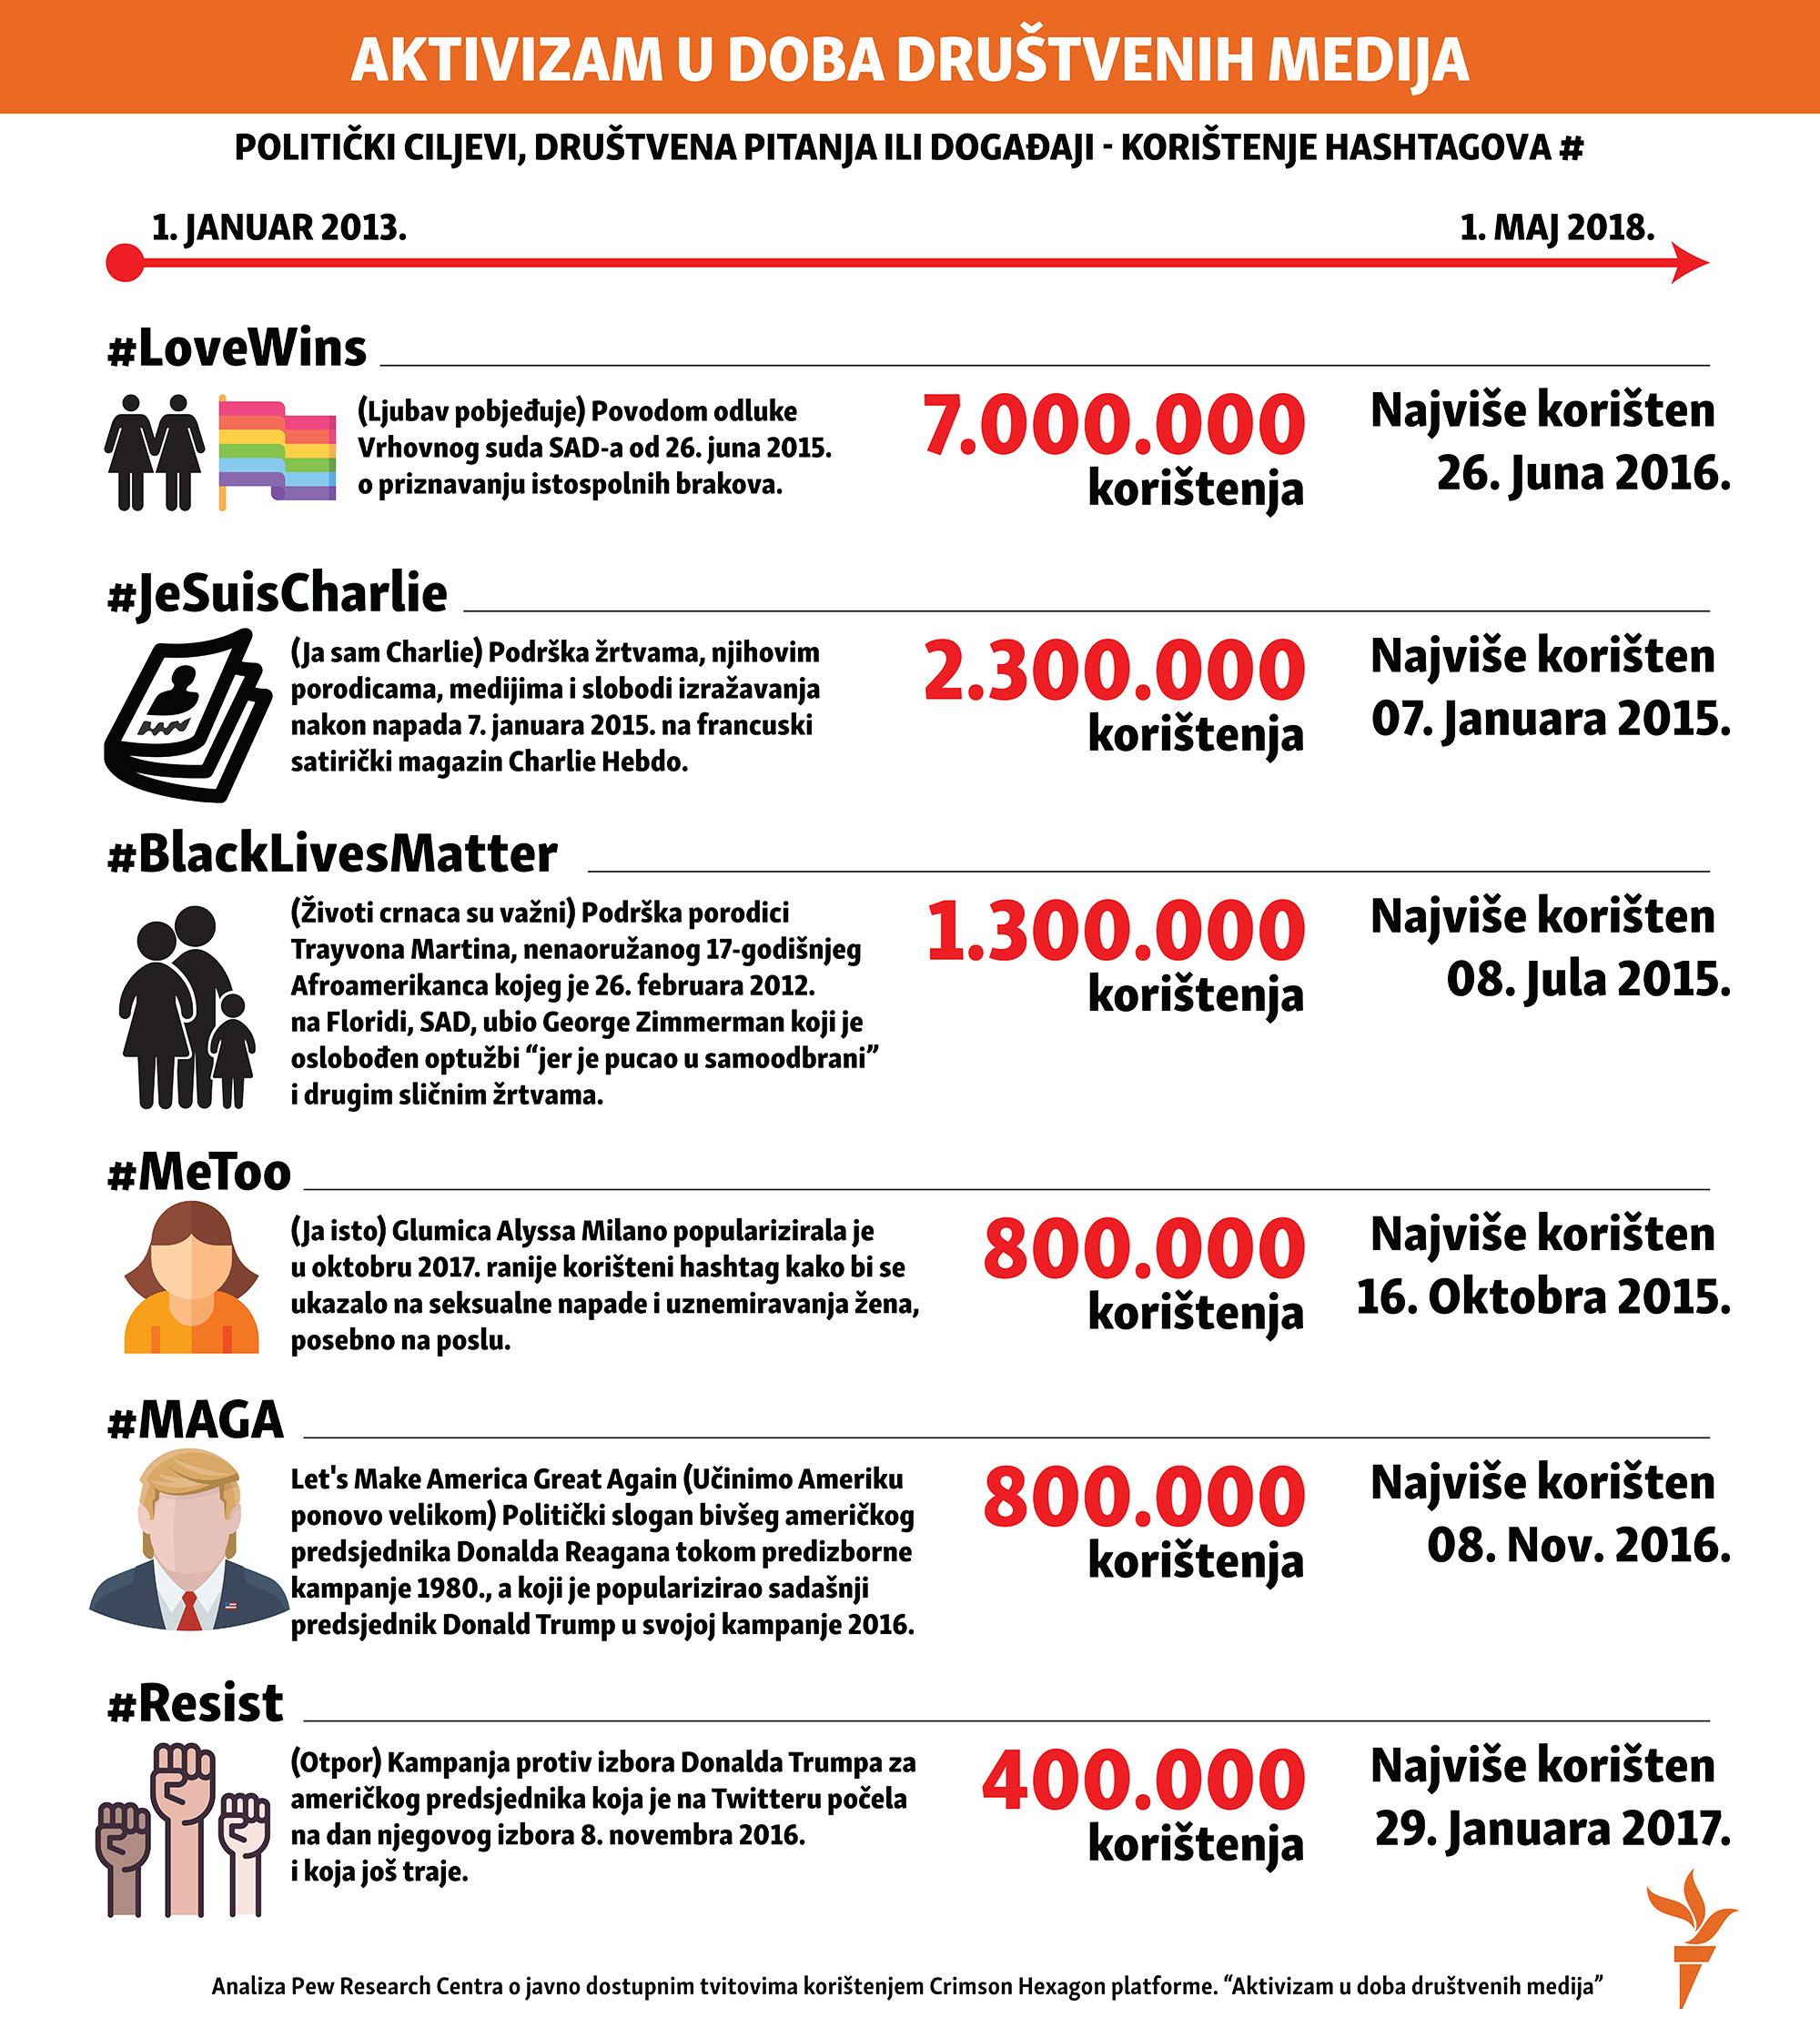 Infografika: aktivizam u doba društvenih mreža, najkorišteniji haštagovi